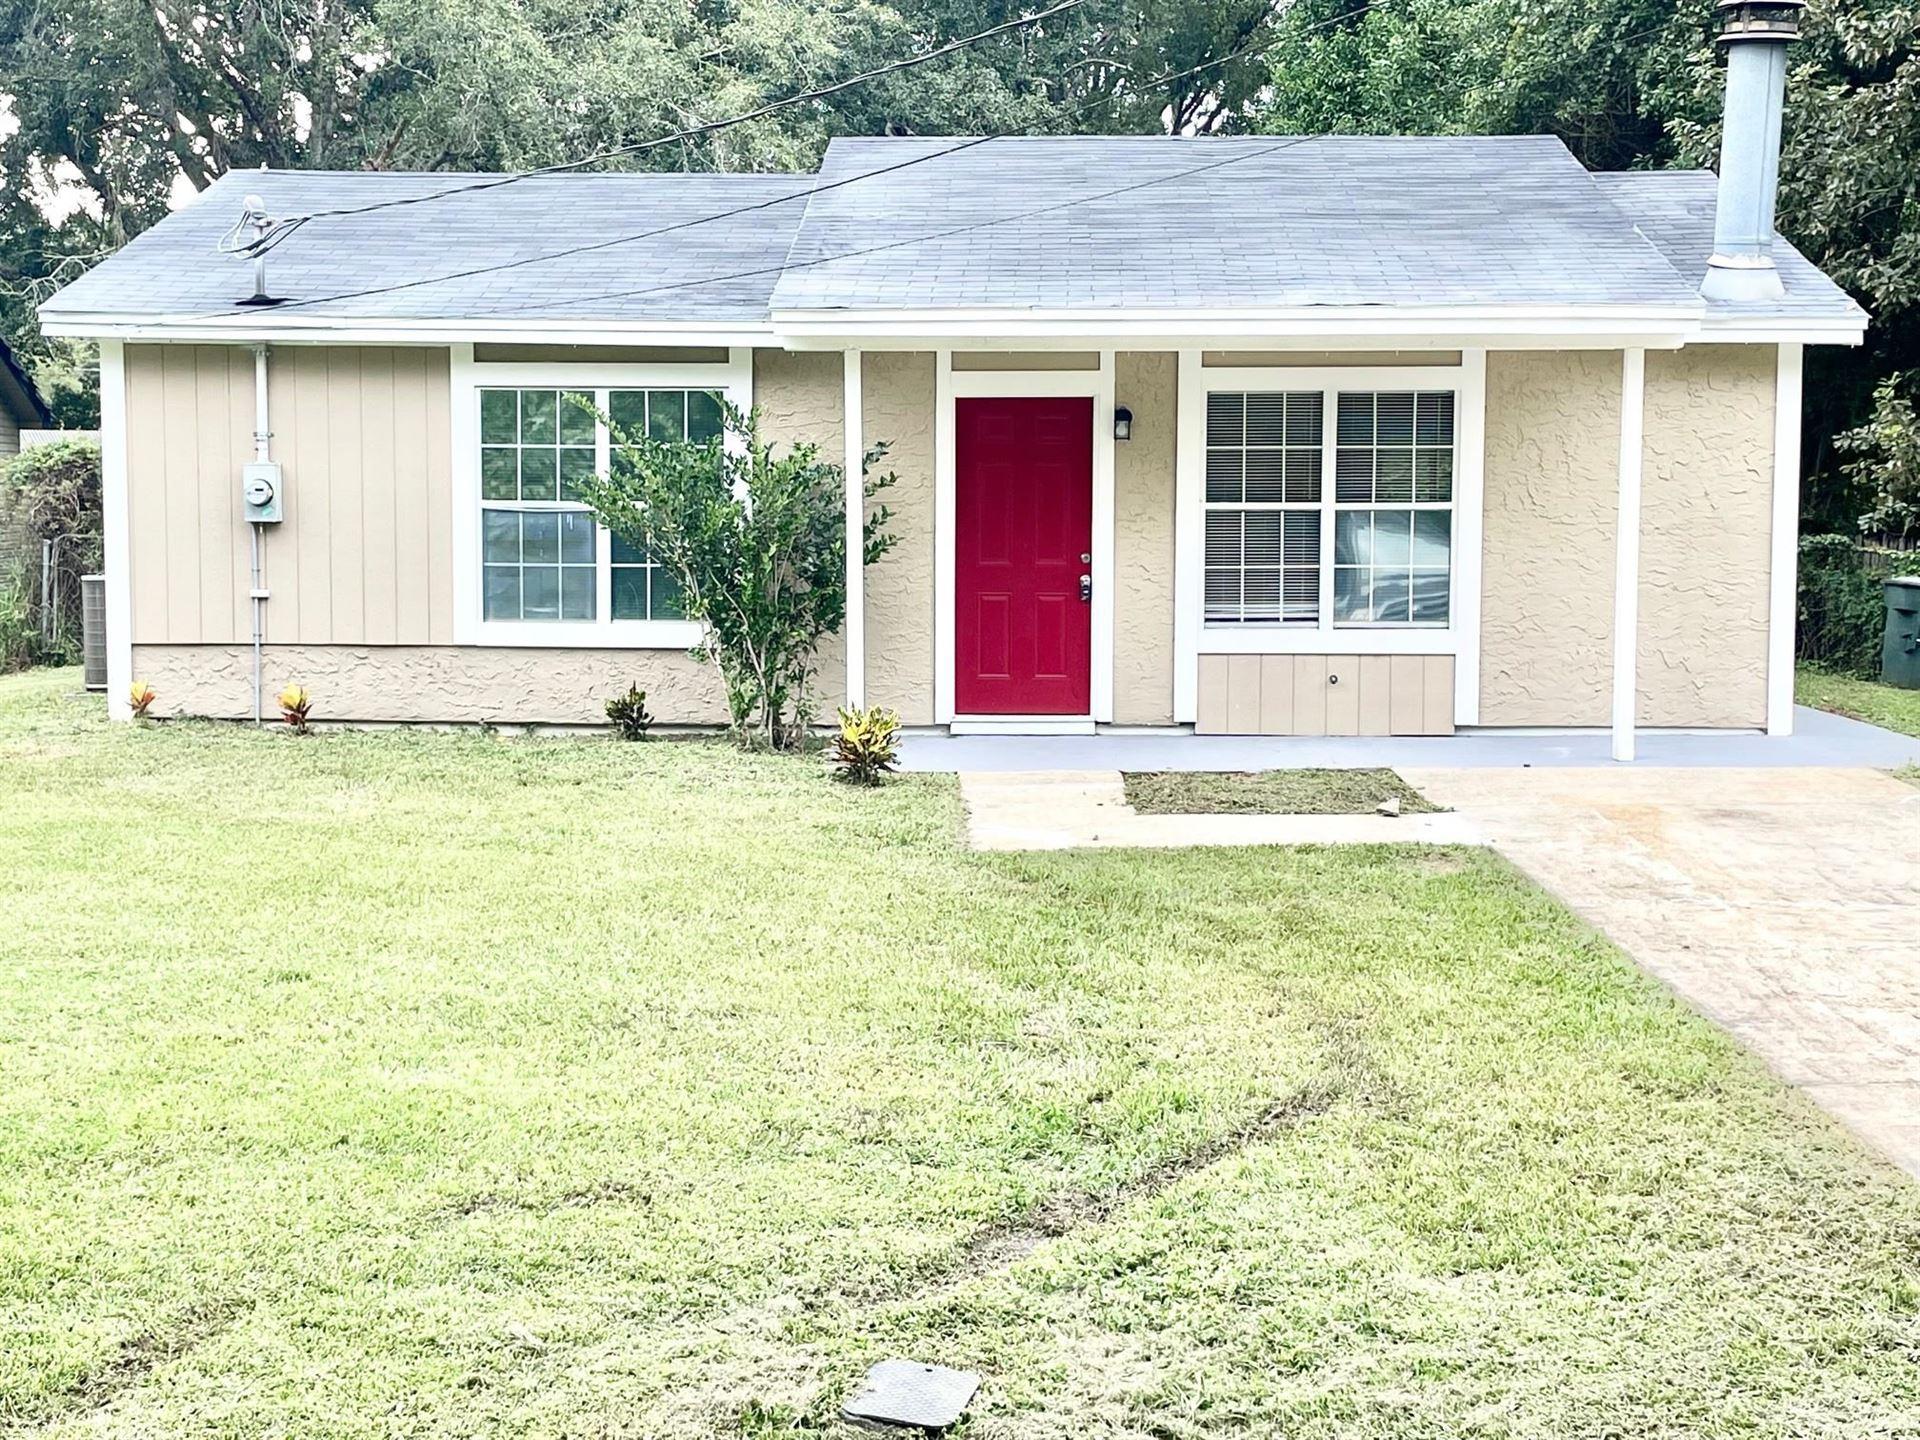 6060 Greenon, Tallahassee, FL 32304 - MLS#: 335520